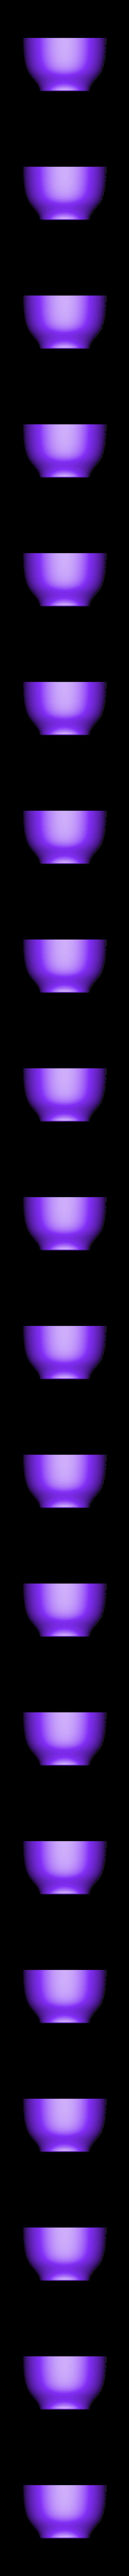 Mueslischale_Mueslischale_v3_Body1_Mueslischale_v3.stl Télécharger fichier STL gratuit Bol à céréales • Modèle imprimable en 3D, Sparhawk